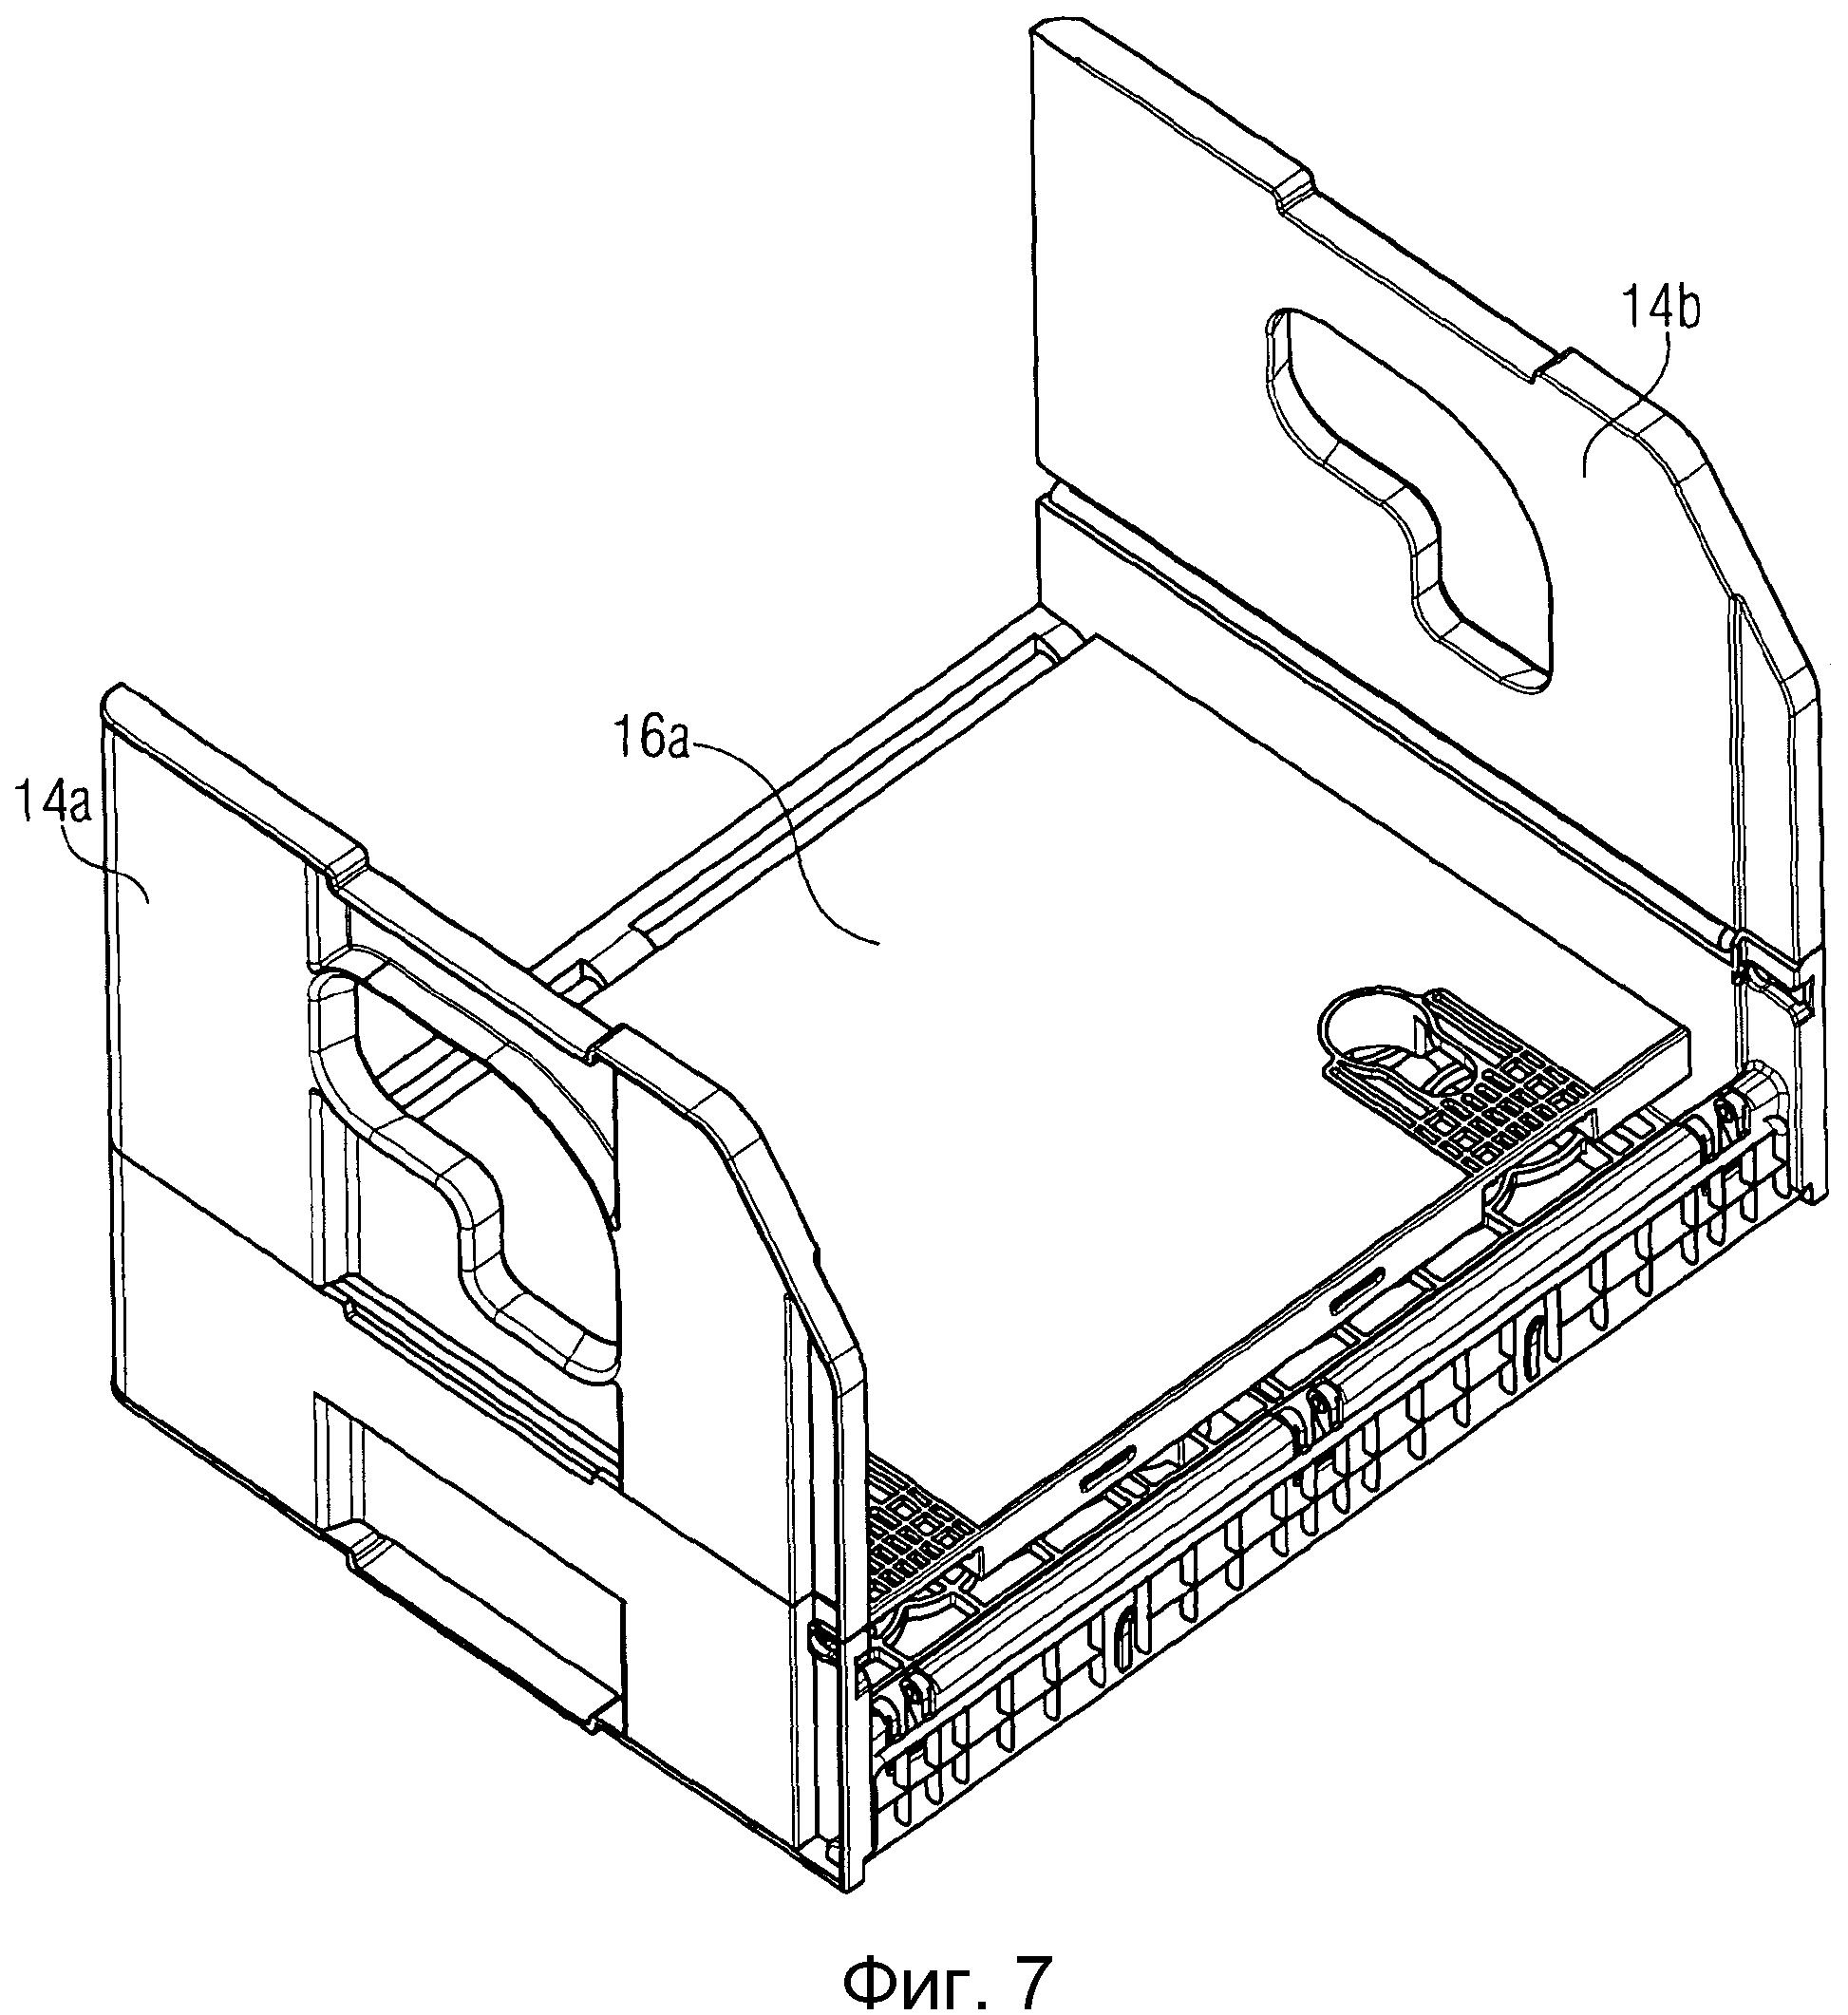 Ящик для транспортировки и демонстрации